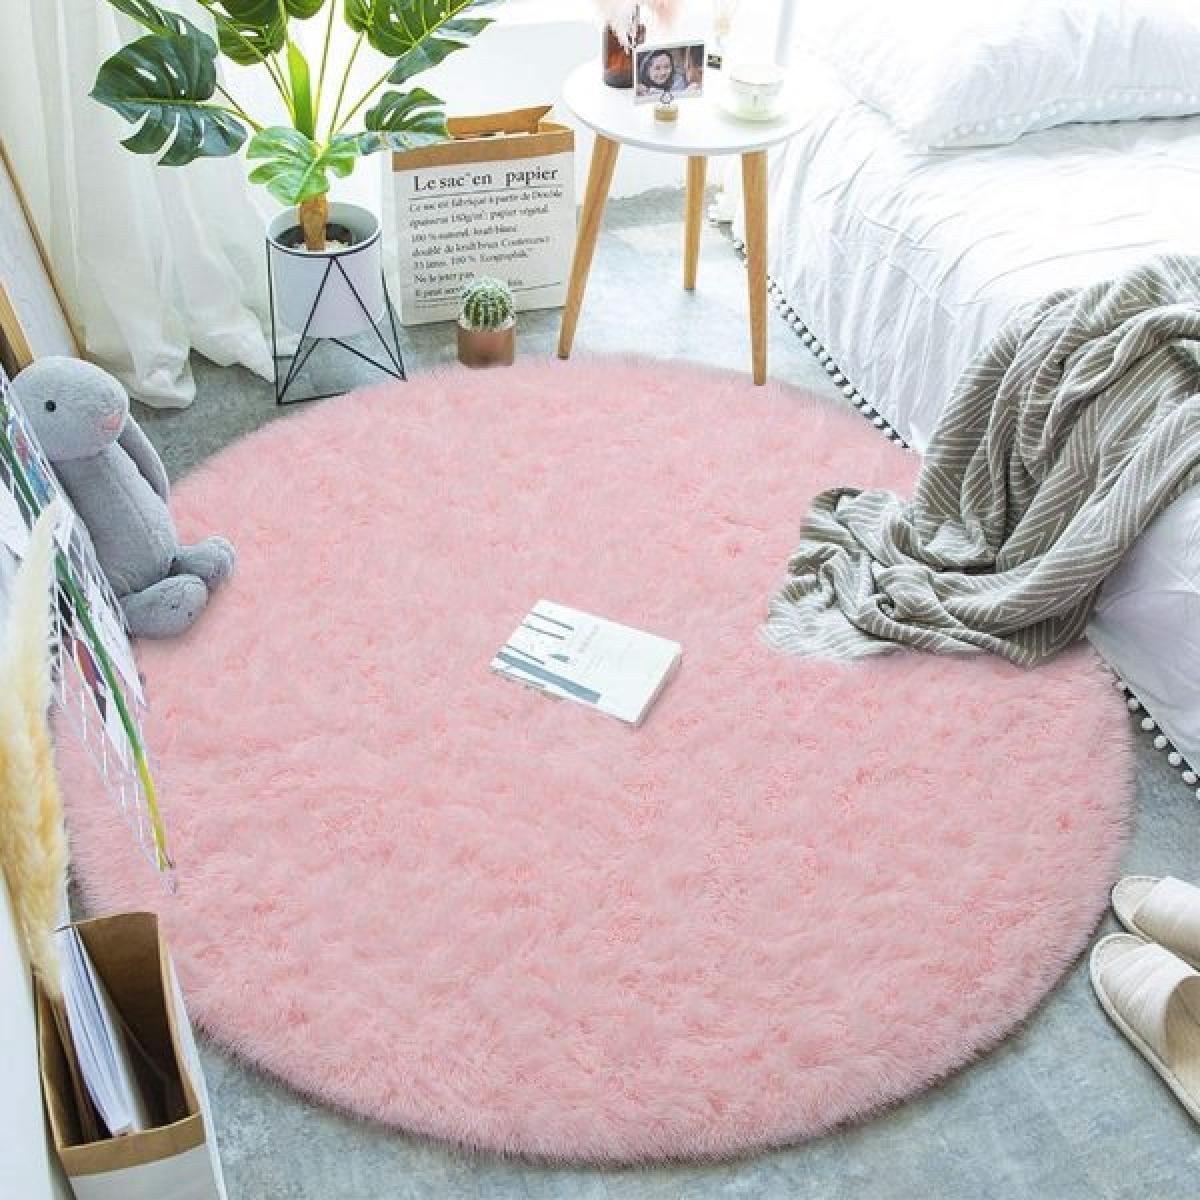 Thảm lông xù hình tròn màu hồng: Thảm siêu mềm được làm từ chất liệu nhung mịn cao cấp và lớp xen kẽ là bọt biển là món trang trí hoàn hảo cho căn phòng của các cô gái. Thảm êm ái, mềm mịn mà vẫn giúp tăng cường độ ma sát, chống trơn trượt. Tấm thảm này có thể được sử dụng trong phòng ngủ của trẻ em, phòng trẻ em, phòng khách hoặc bất cứ nơi nào bạn muốn.